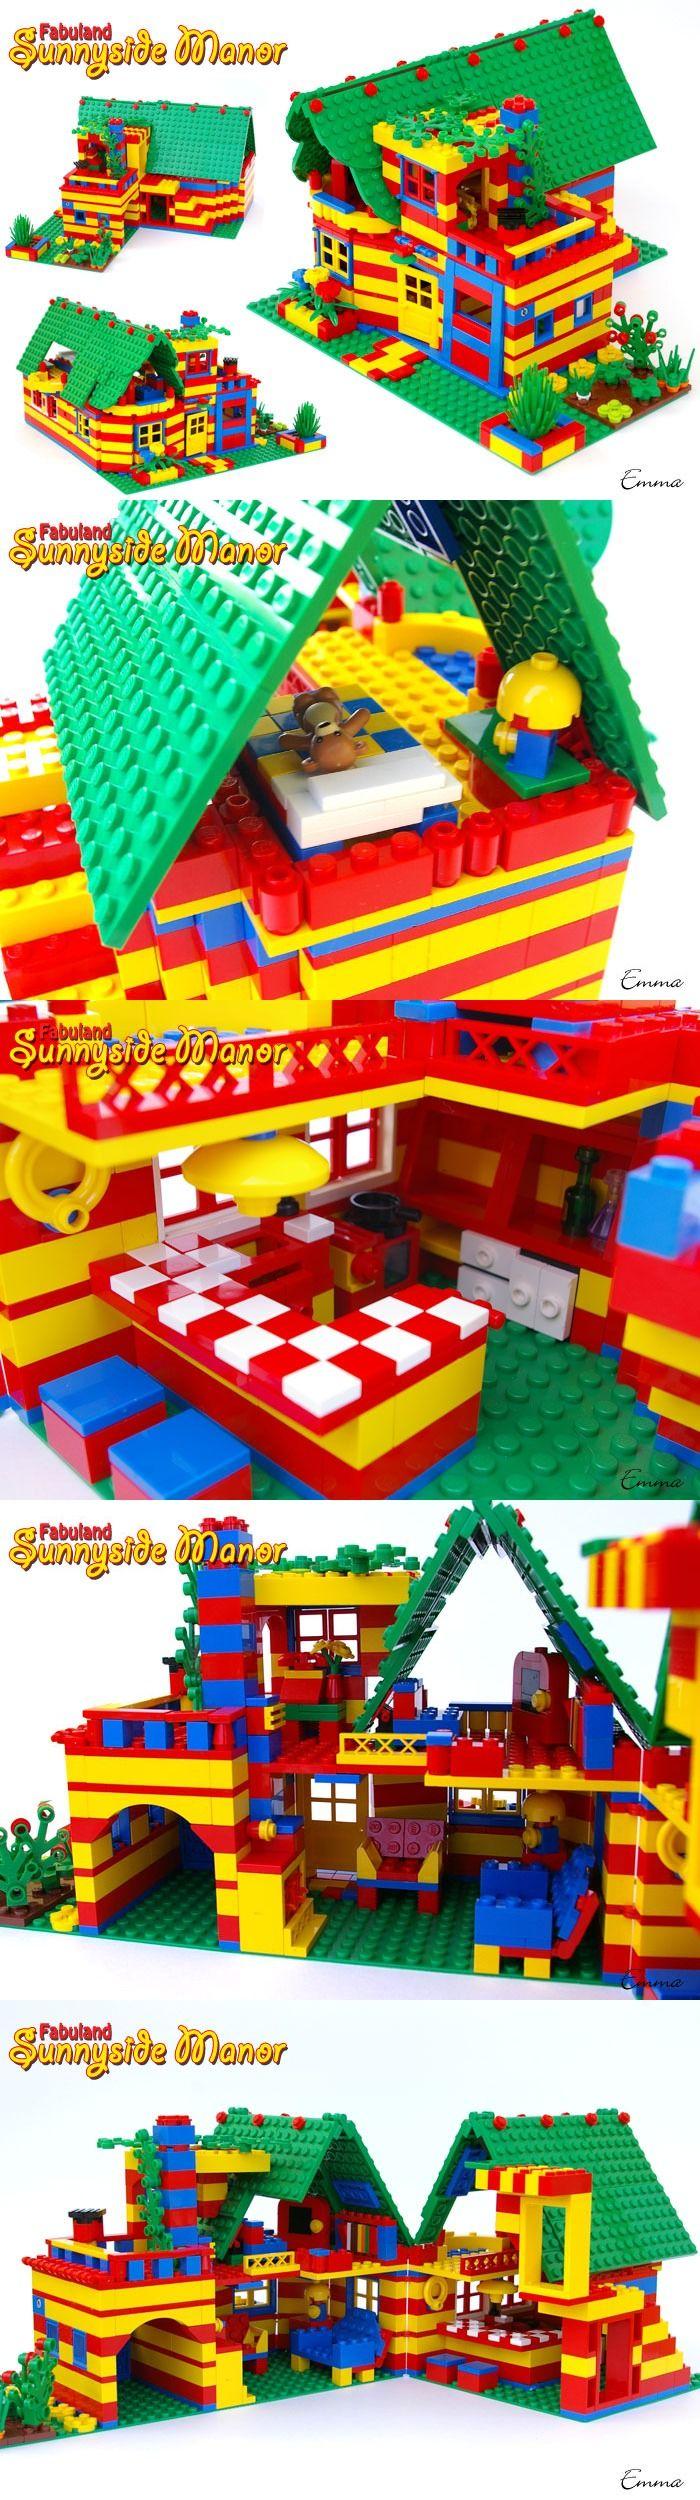 LEGO FABULAND Sunnyside Manor